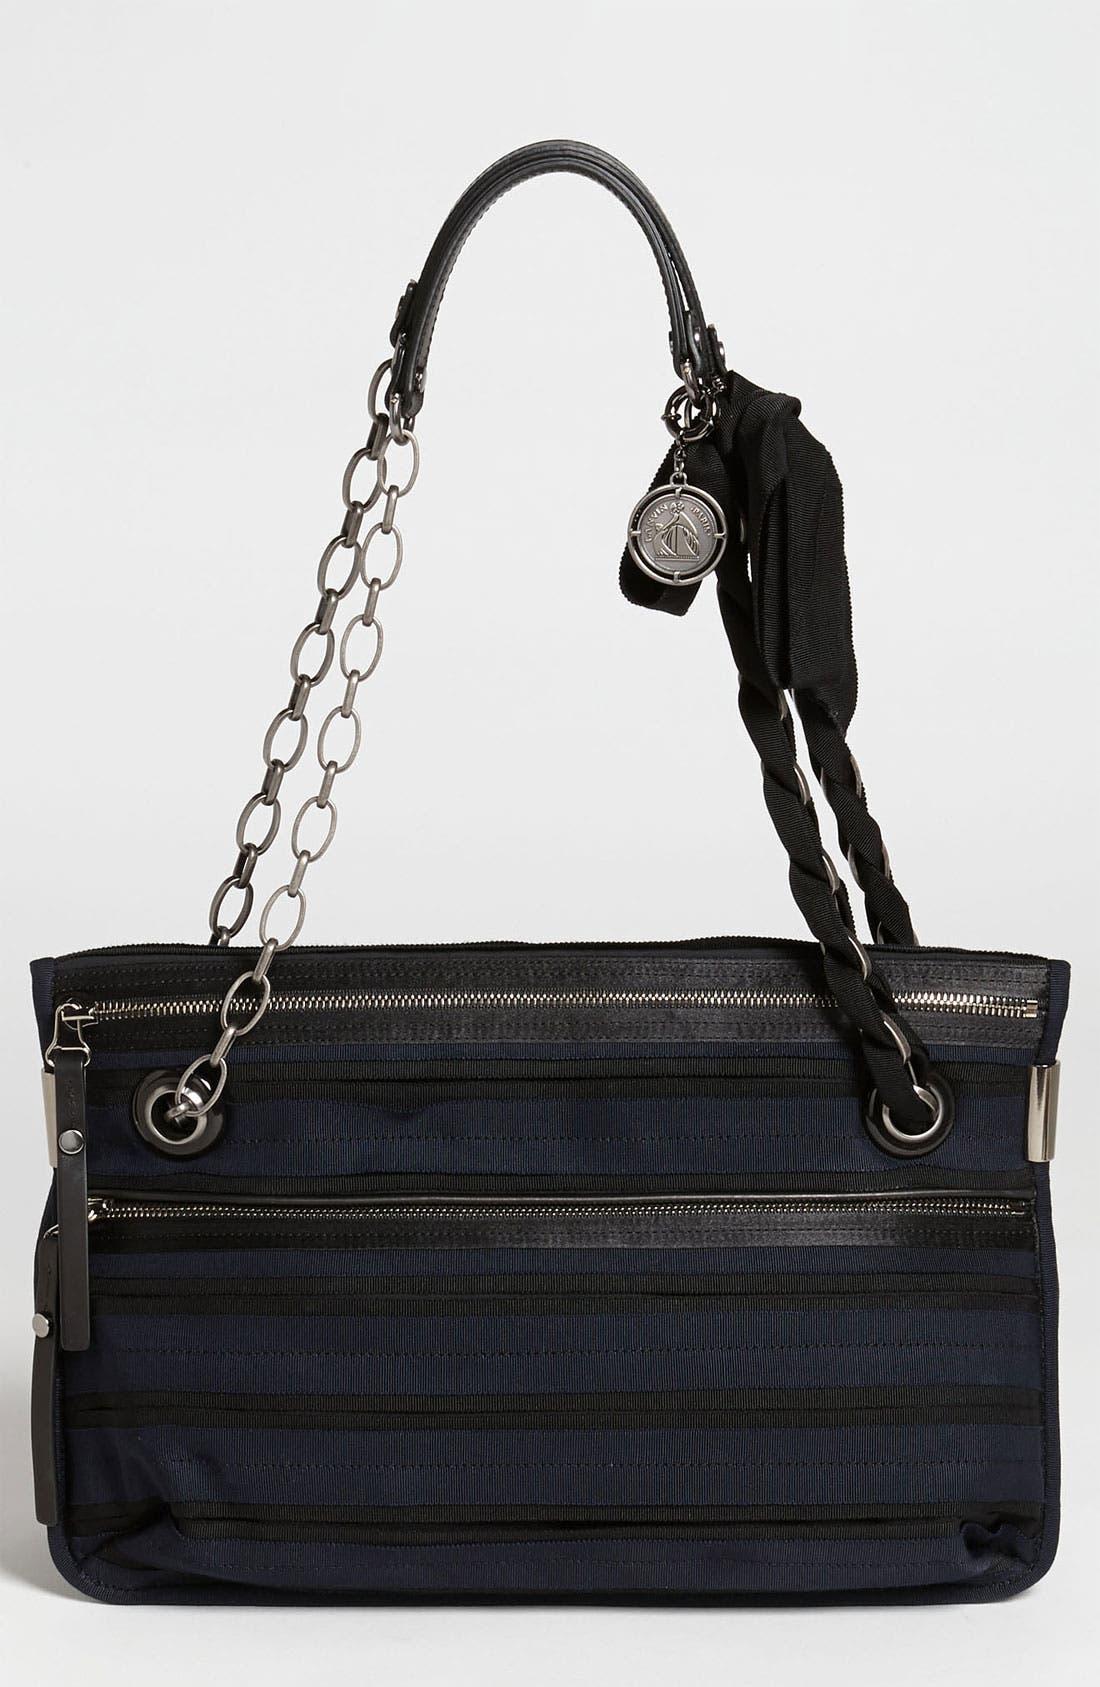 Alternate Image 1 Selected - Lanvin 'Amalia' Shoulder Bag